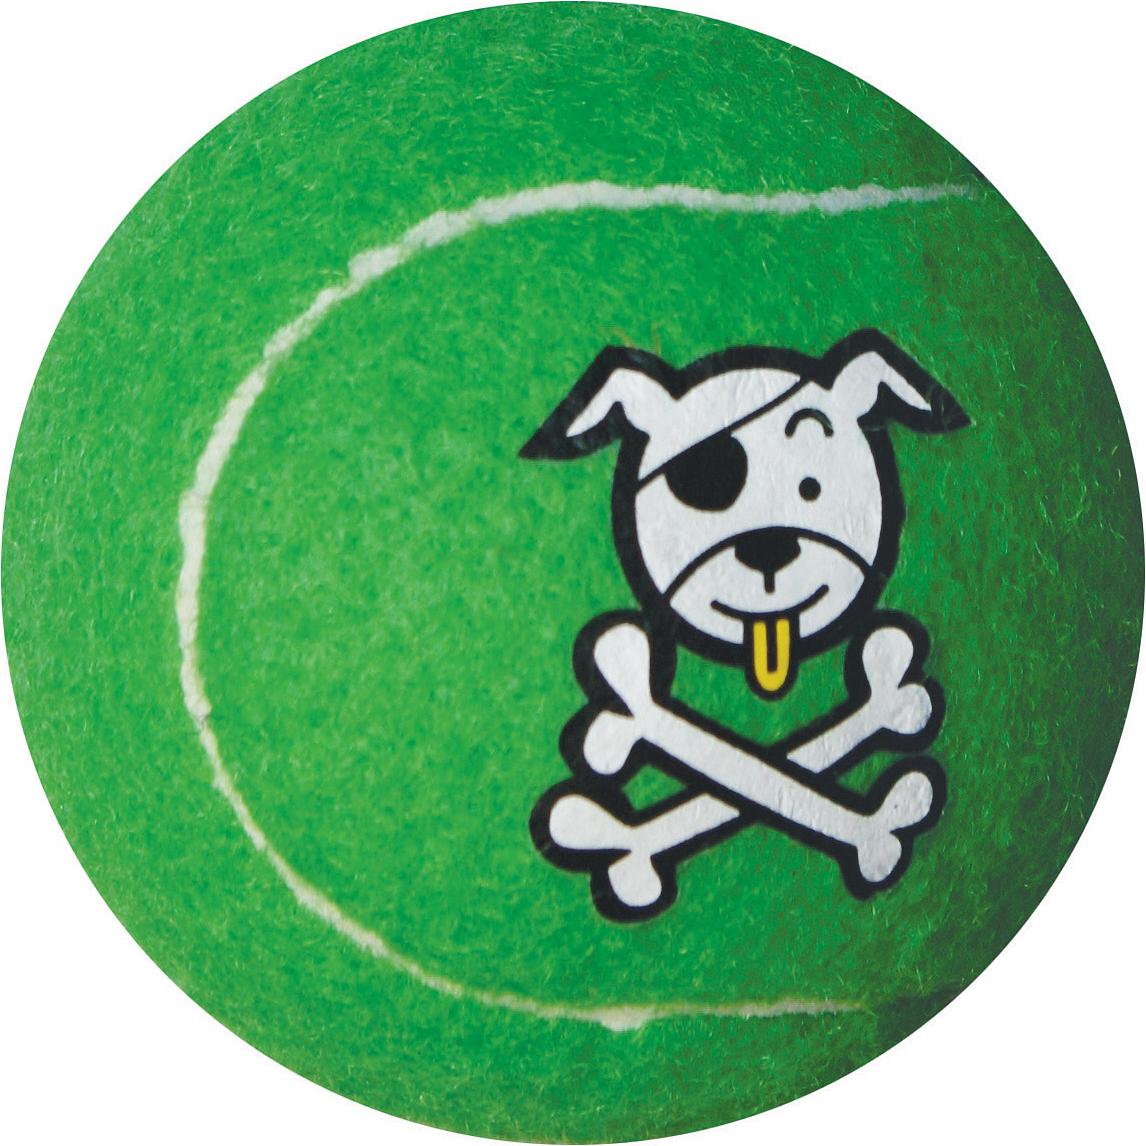 Игрушка для собак Rogz Molecules, цвет: лайм, диаметр 5 см. MC01LMC01LМяч для собак Rogz Molecules предназначен для игры с хозяином Принеси.Специальное покрытие неабразивным материалом (предназначенным для теннисных мячей) предотвращает стирание зубов у собак и не вредит деснам и зубам животного.Хорошая упругость для подпрыгивания. Изготовлено из особого термоэластопласта Sebs, обеспечивающего великолепную плавучесть в воде.